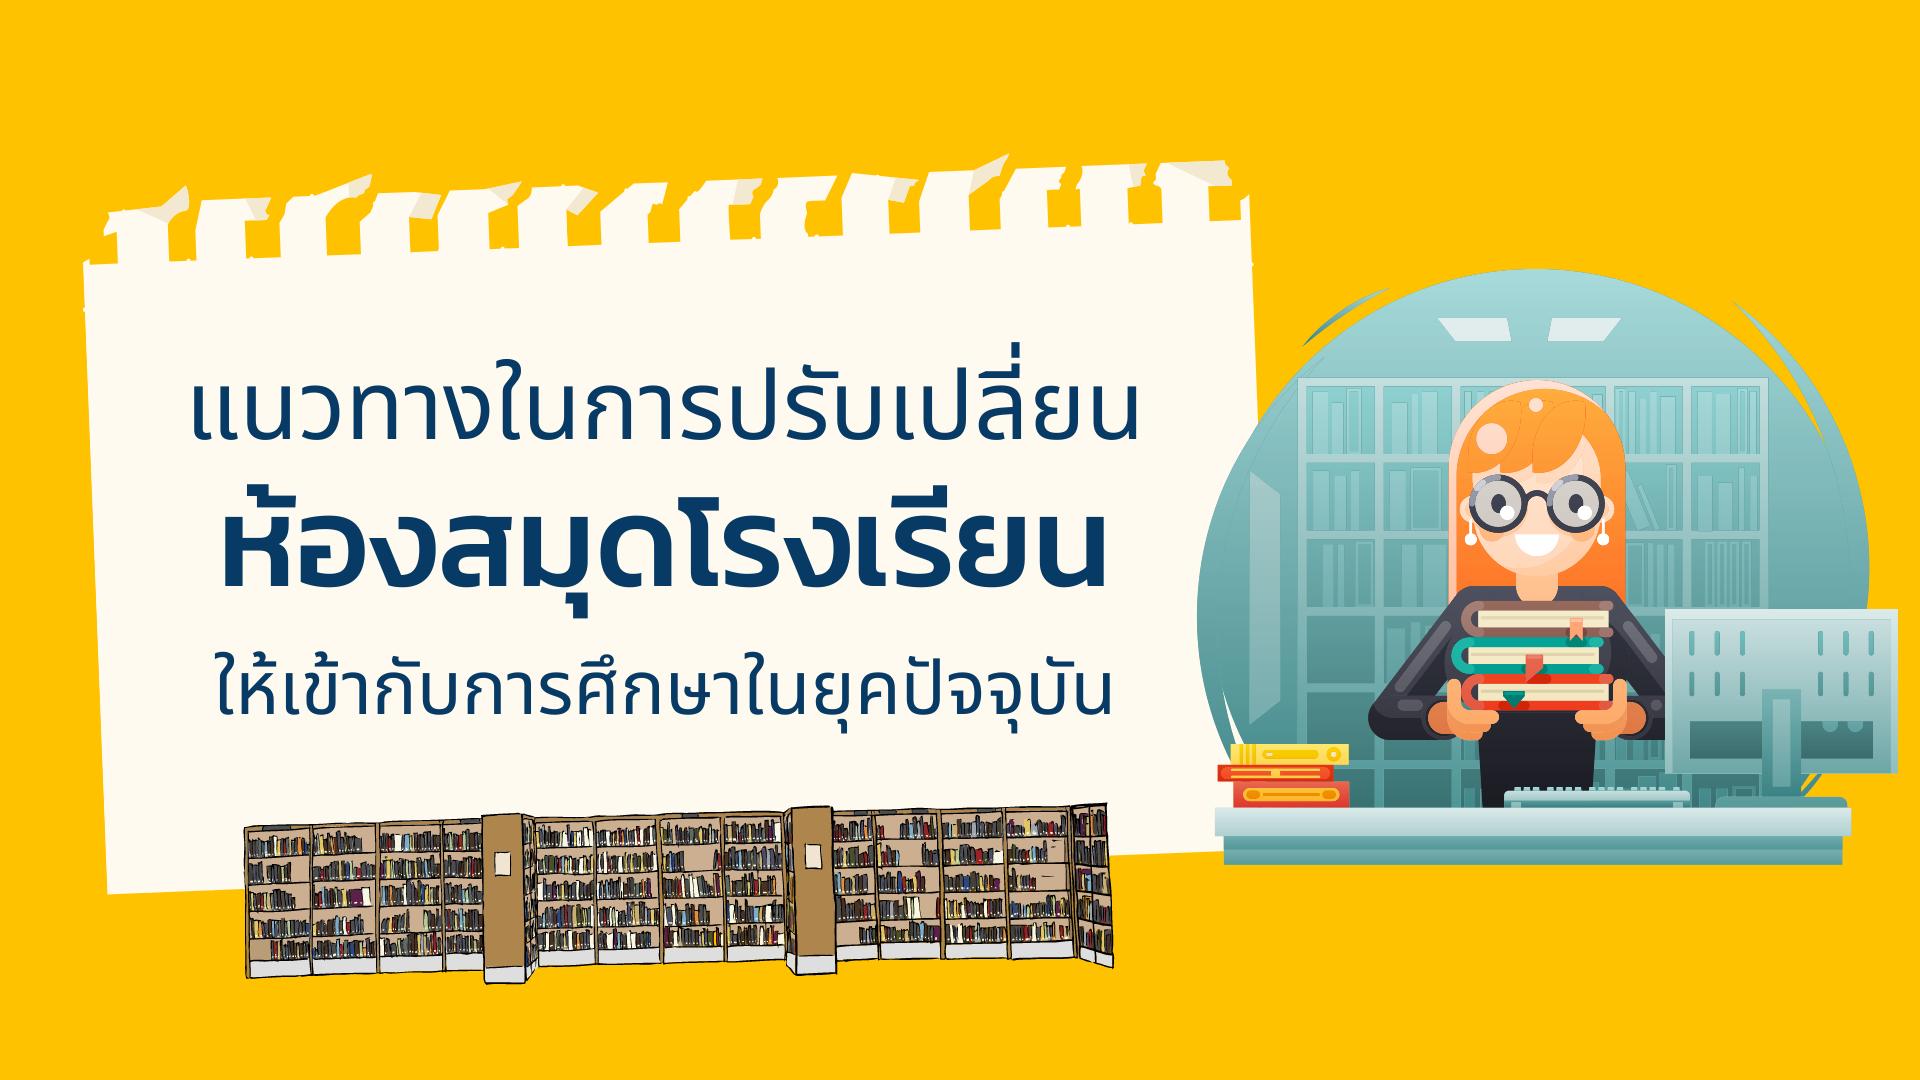 แนวทางในการปรับเปลี่ยน ห้องสมุดโรงเรียน ให้เข้ากับการศึกษาในยุคปัจจุบัน